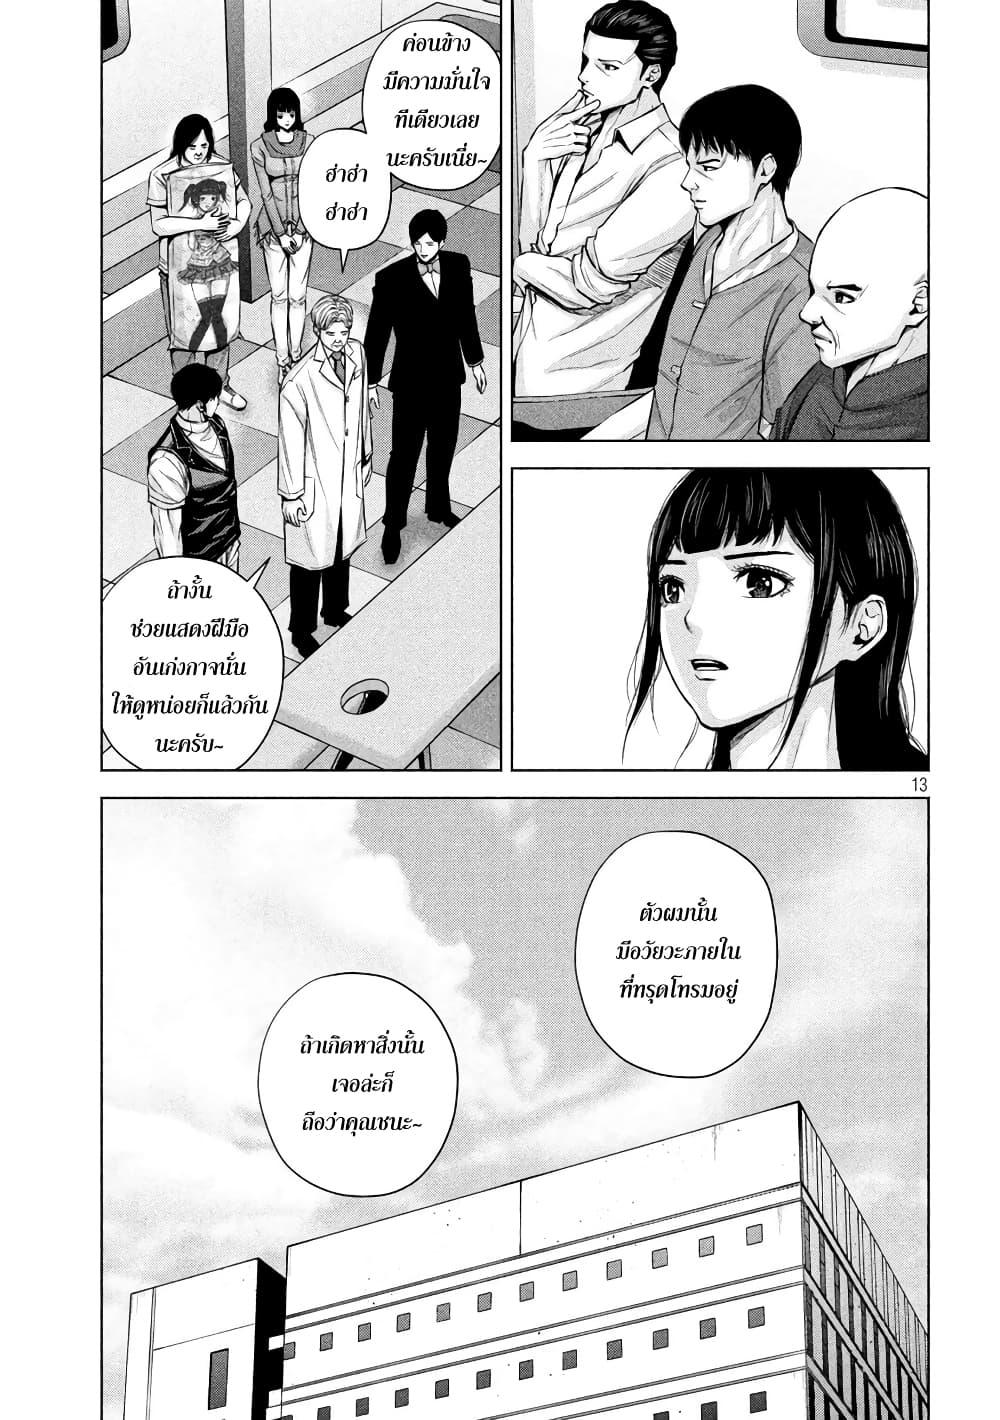 อ่านการ์ตูน Kenshirou ni Yoroshiku ตอนที่ 28 หน้าที่ 13